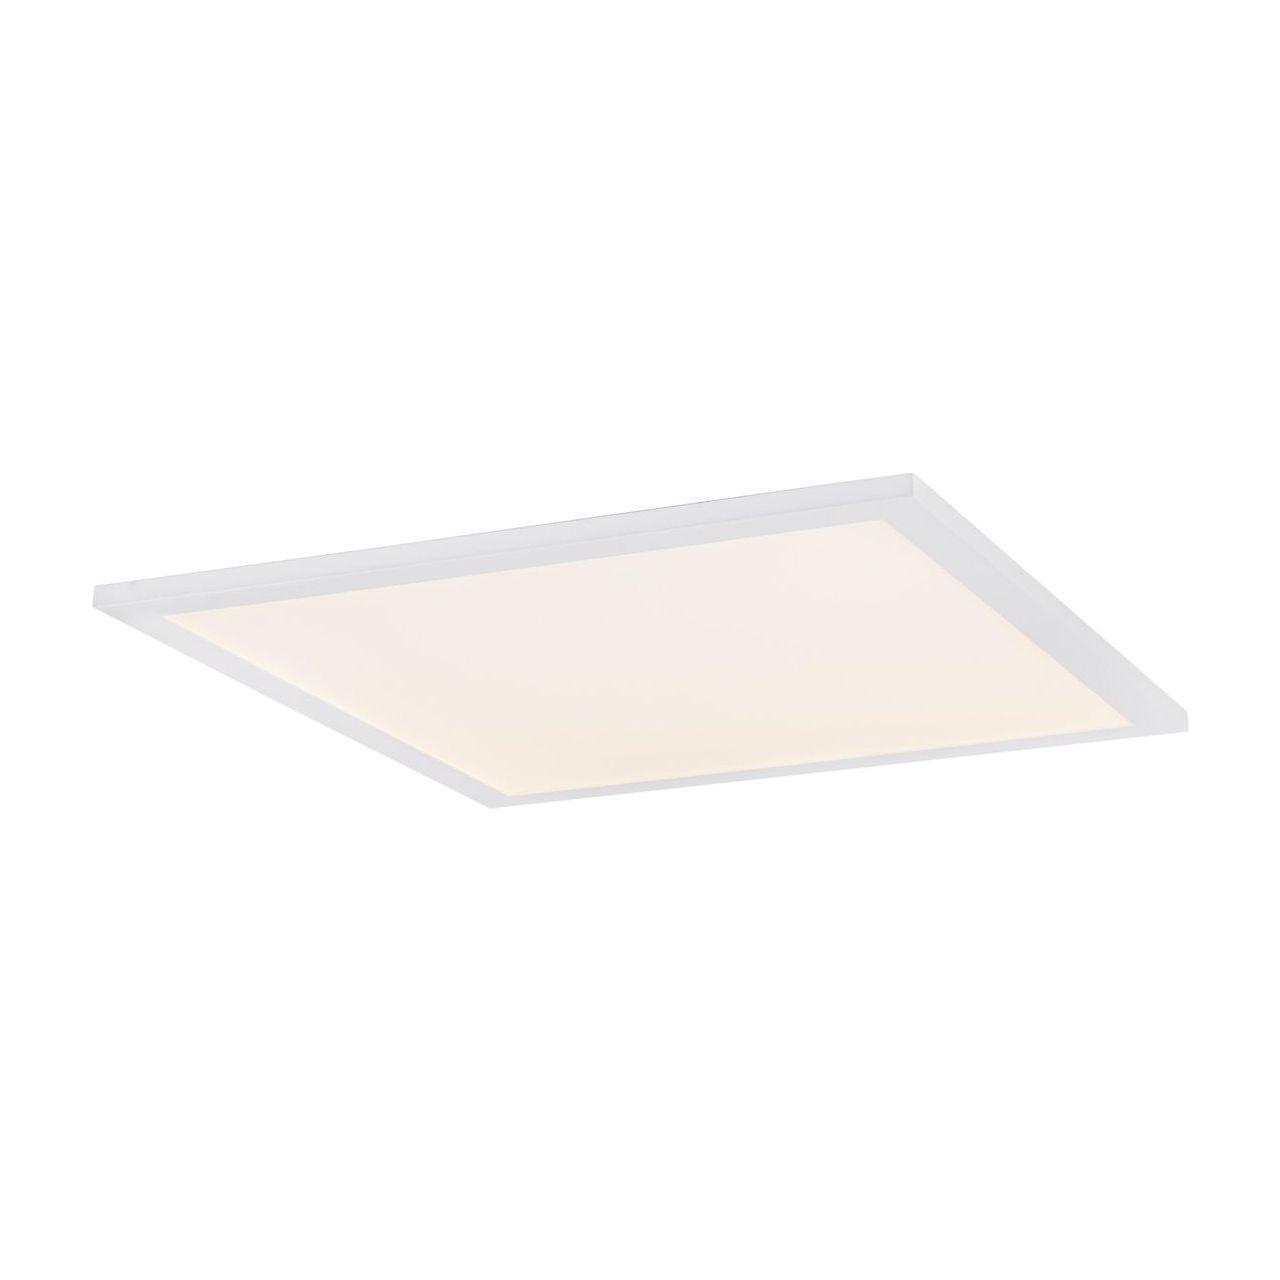 Потолочный светодиодный светильник Globo Rosi 41604D2D цены онлайн